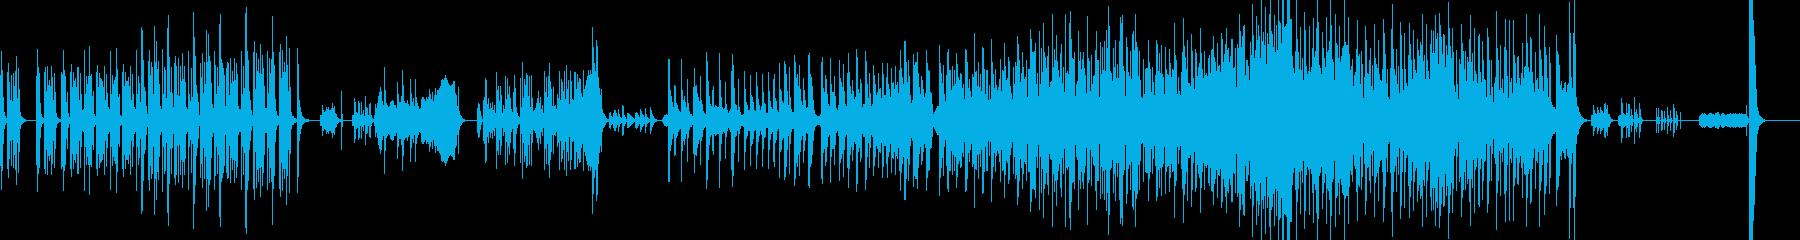 和太鼓・マリンバと弦のアンサンブルの再生済みの波形